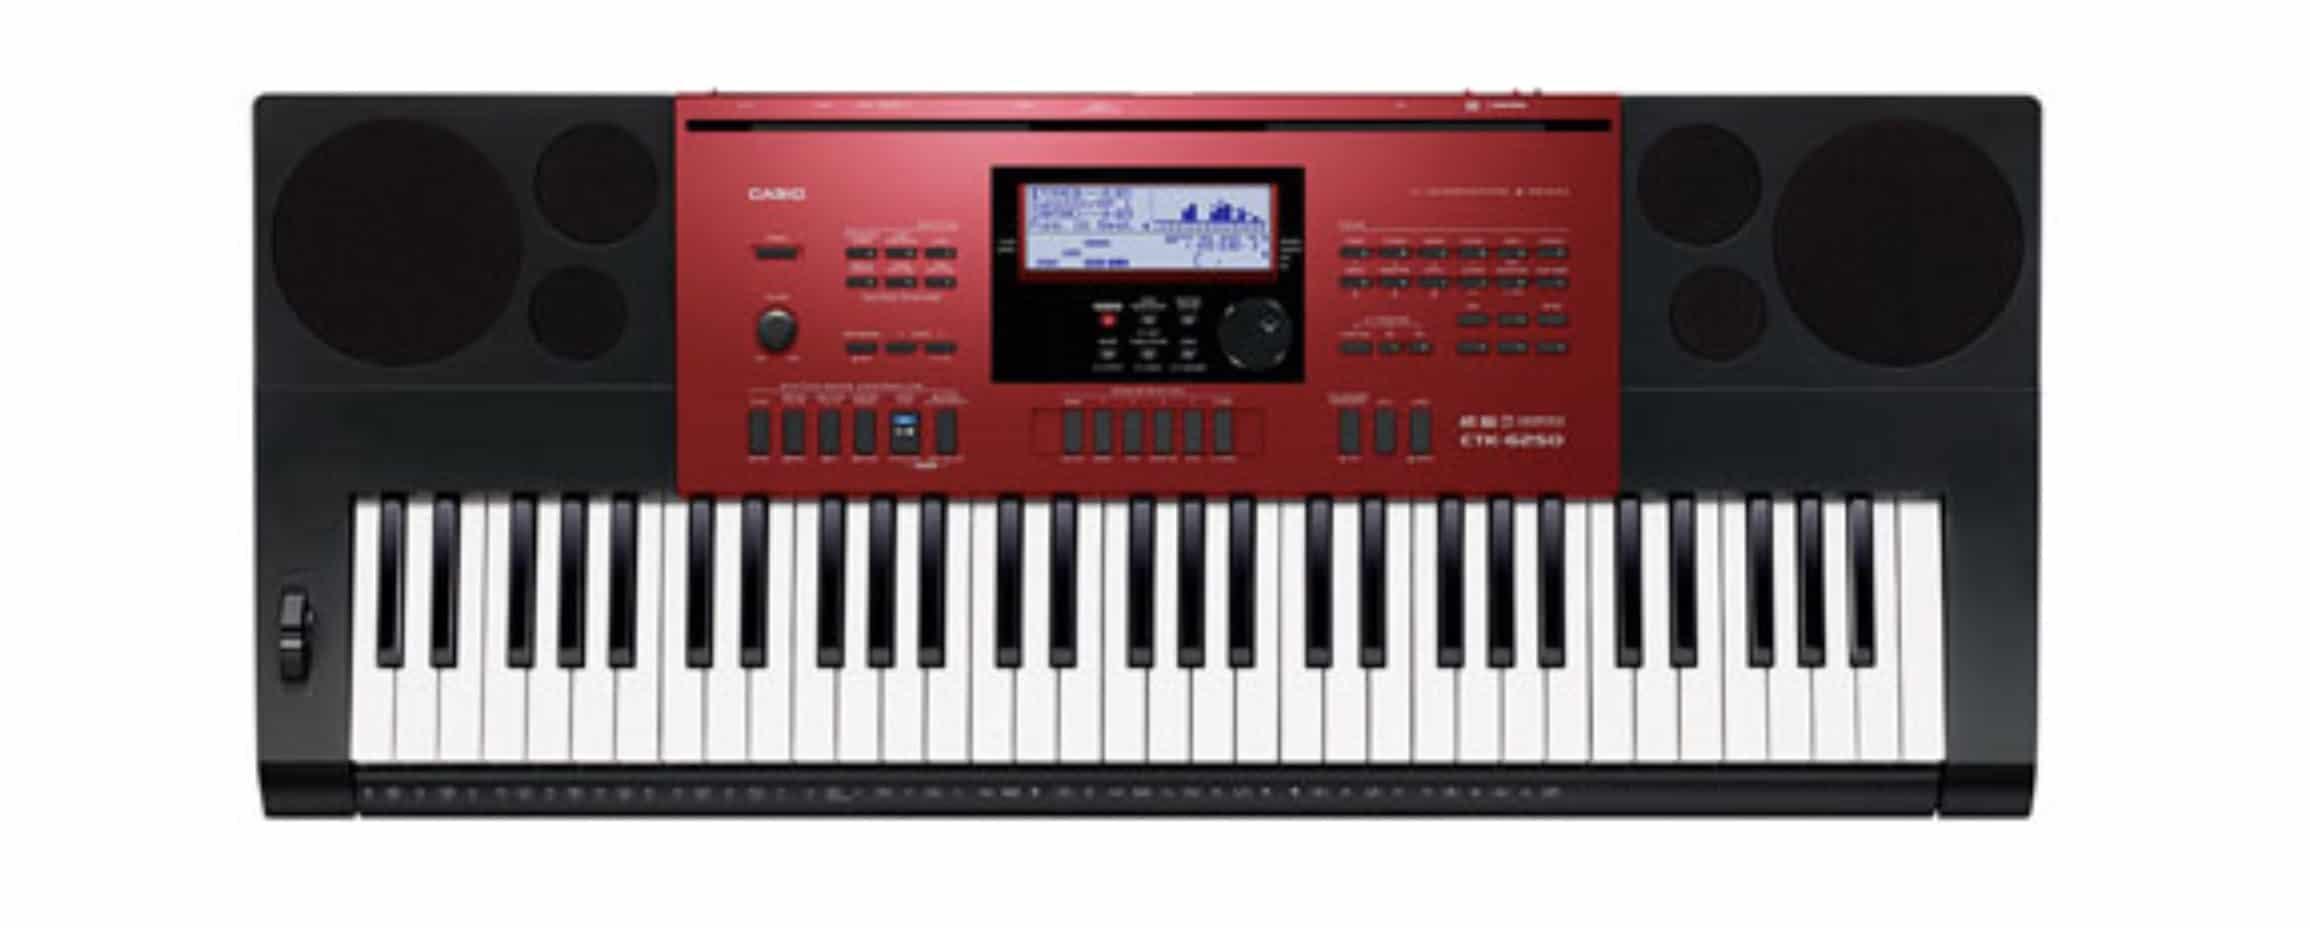 Claviers arrangeurs Pour un clavier arrangeur, la qualité des sons sera aussi un critère déterminant, mais la richesse d'option peut varier beaucoup plus d'un modèle à l'autre. Certains proposent des écrans plus ou moins détaillés, d'autres fonctionnent uniquement avec des boutons, certains sont de véritables séquenceurs et d'autres ont une simple boîte à rythmes. En plus de tout ça, certains arrangeurs sont spécialisés dans certains styles, tâchez donc de faire votre choix en fonction de ce que vous voulez jouer, qu'il s'agisse de musique orientale ou d'électro.